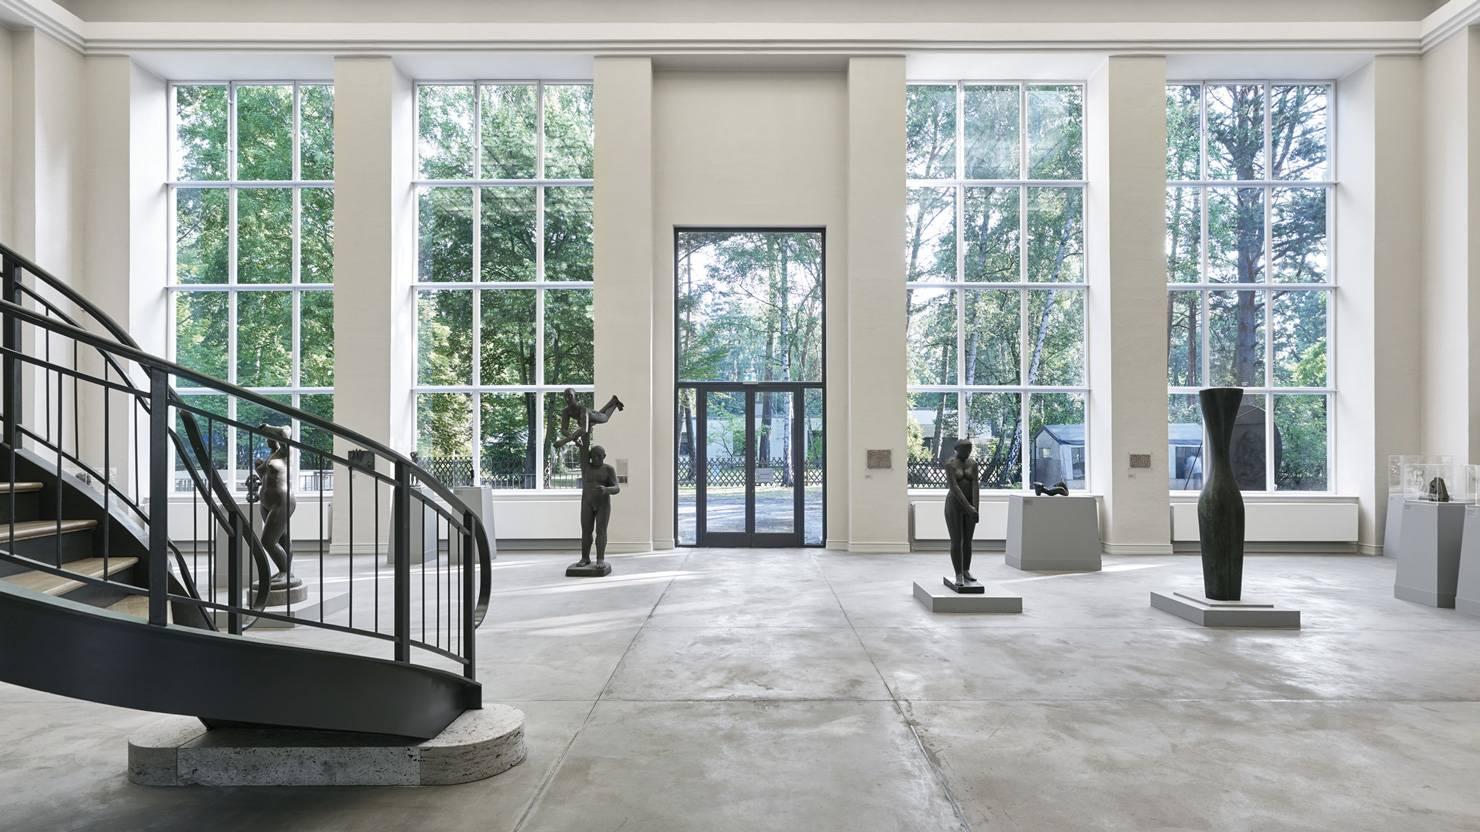 acciaio-zincato-serramenti-kunsthaus-dahlem-seccosistemi-2_project_big